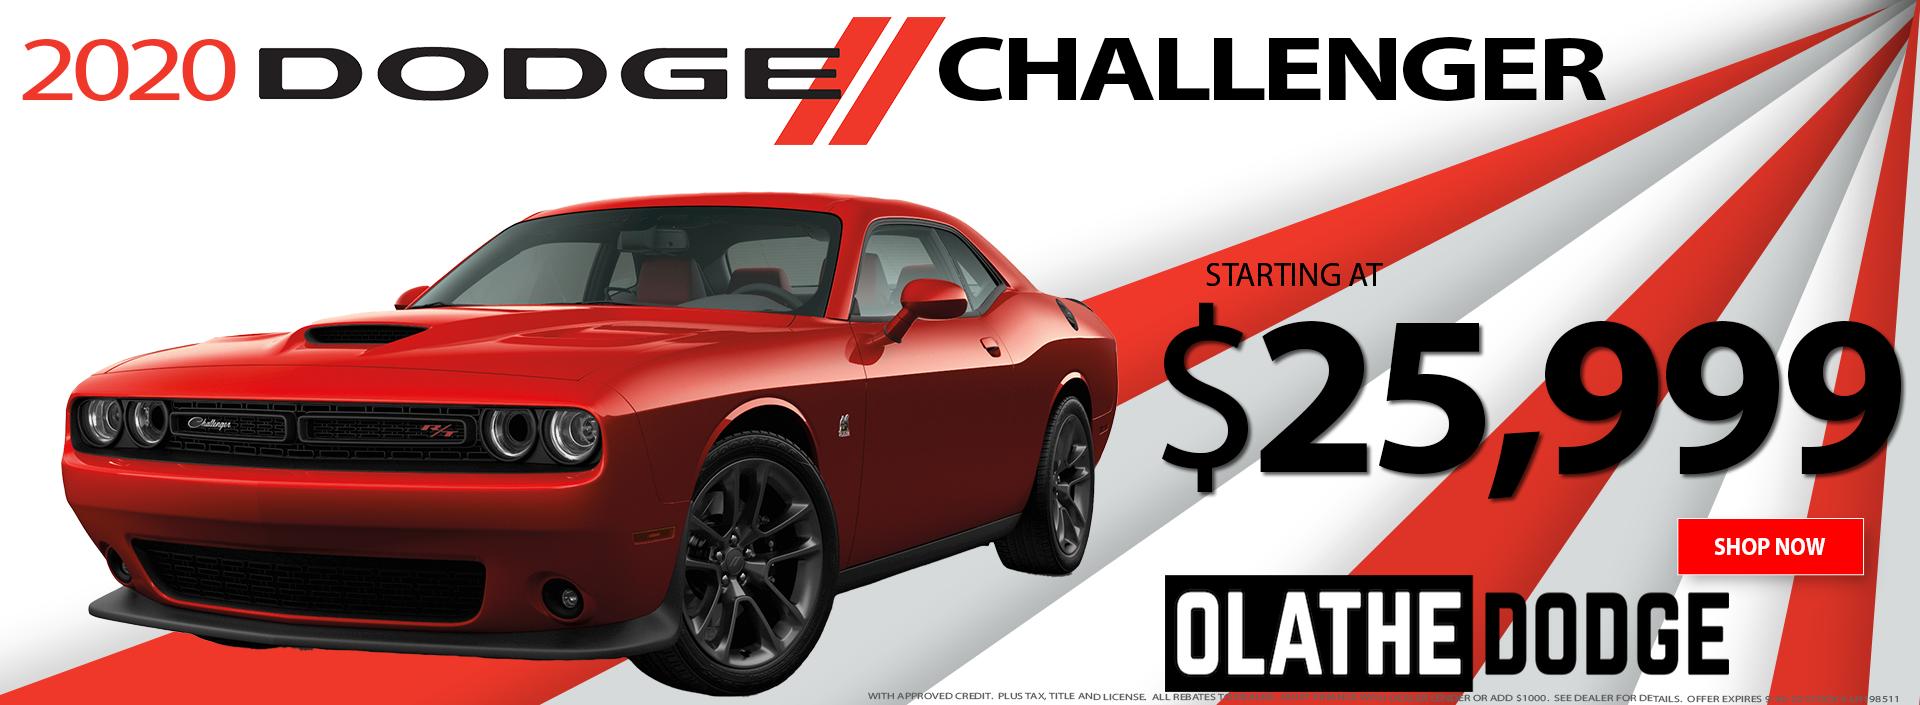 09.04.2020 — Olathe Dodge — 2020 dodge challenger 1920×705.png